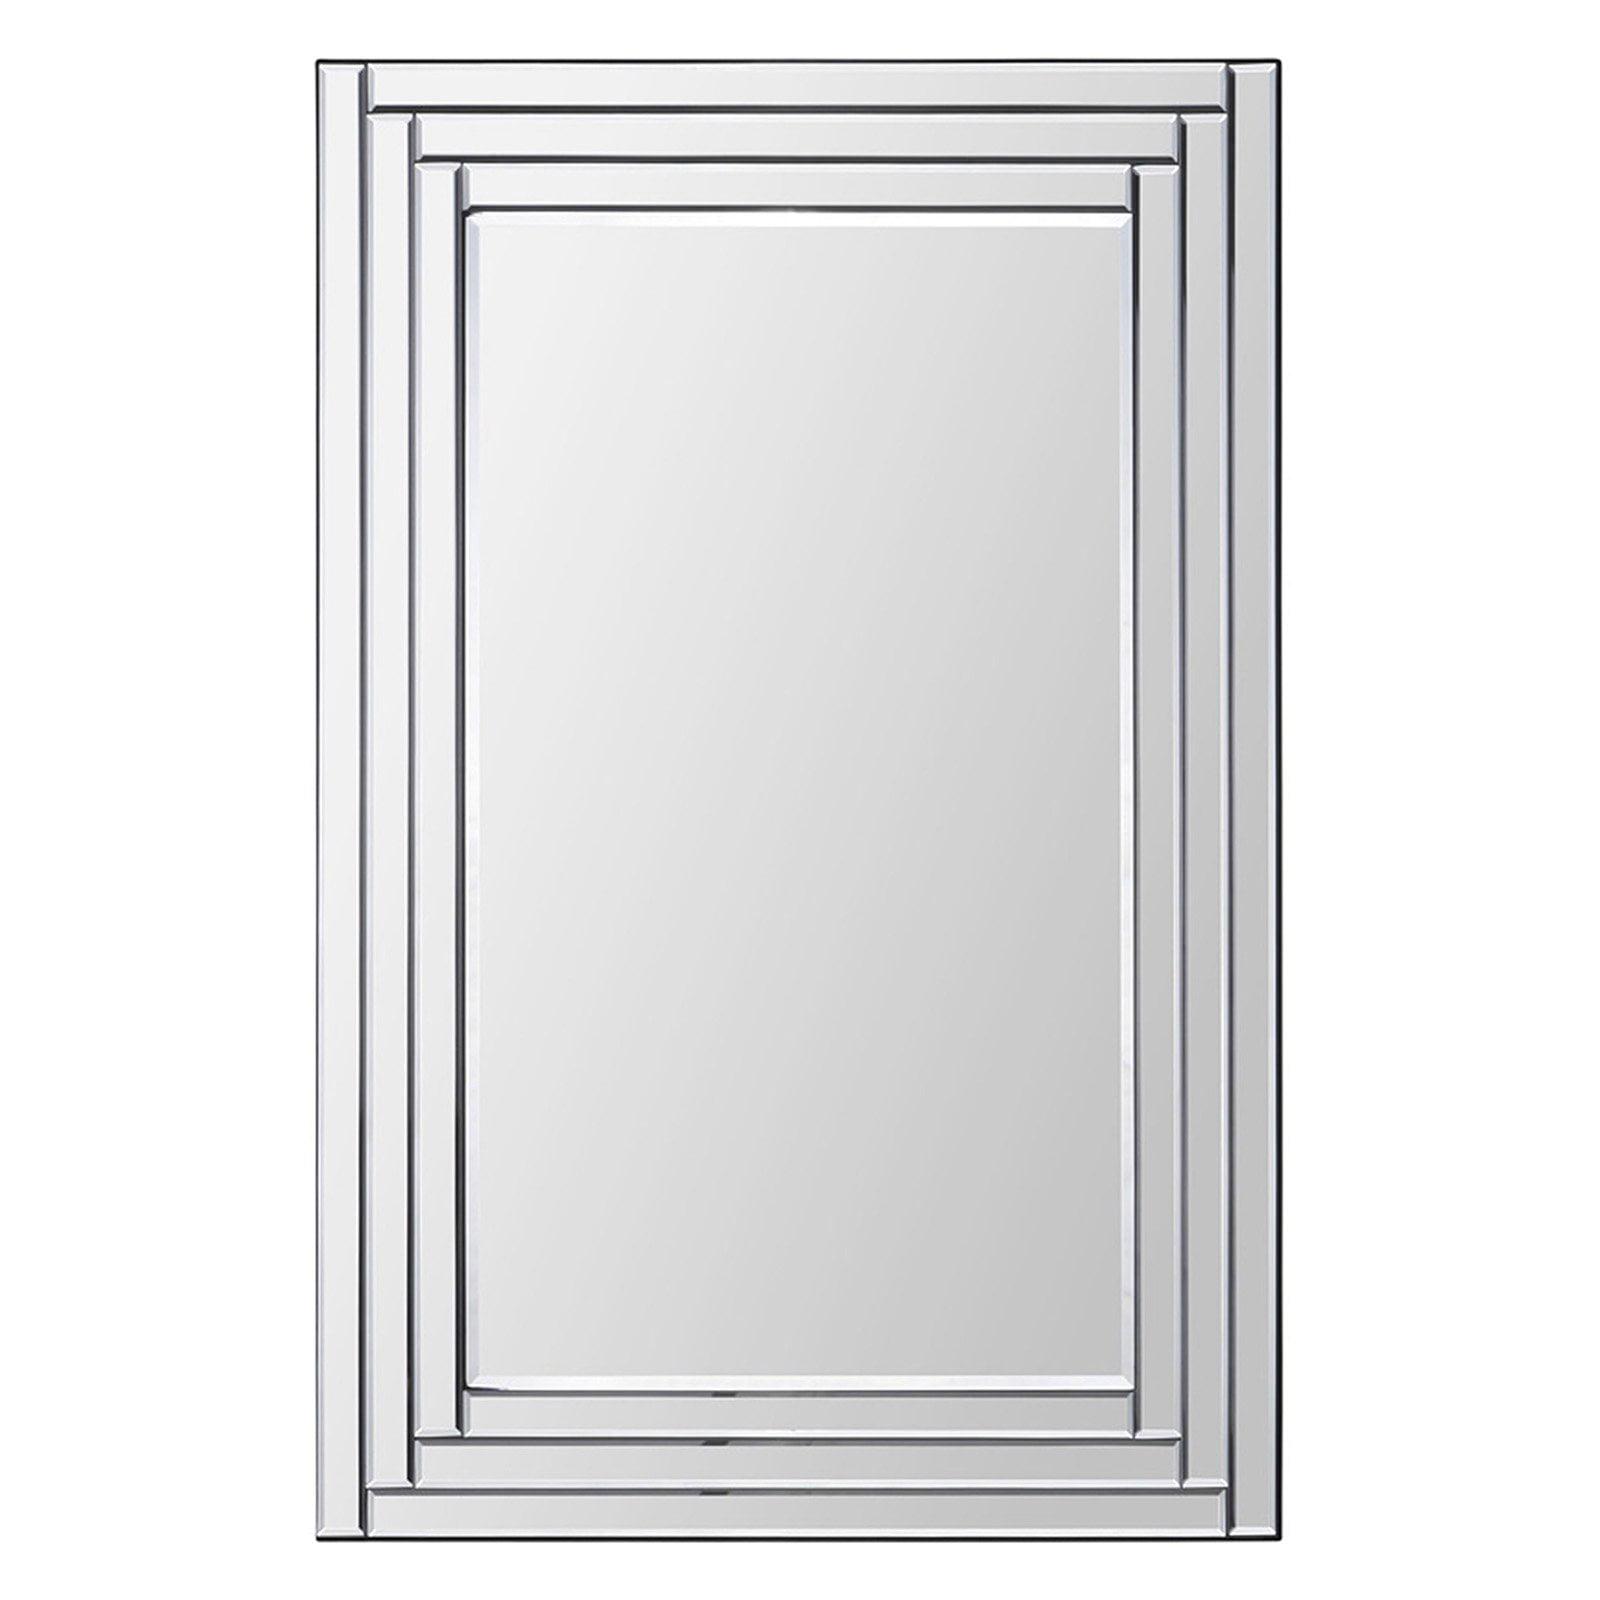 Ren-Wil Edessa Wall Mirror - 24W x 36H in.